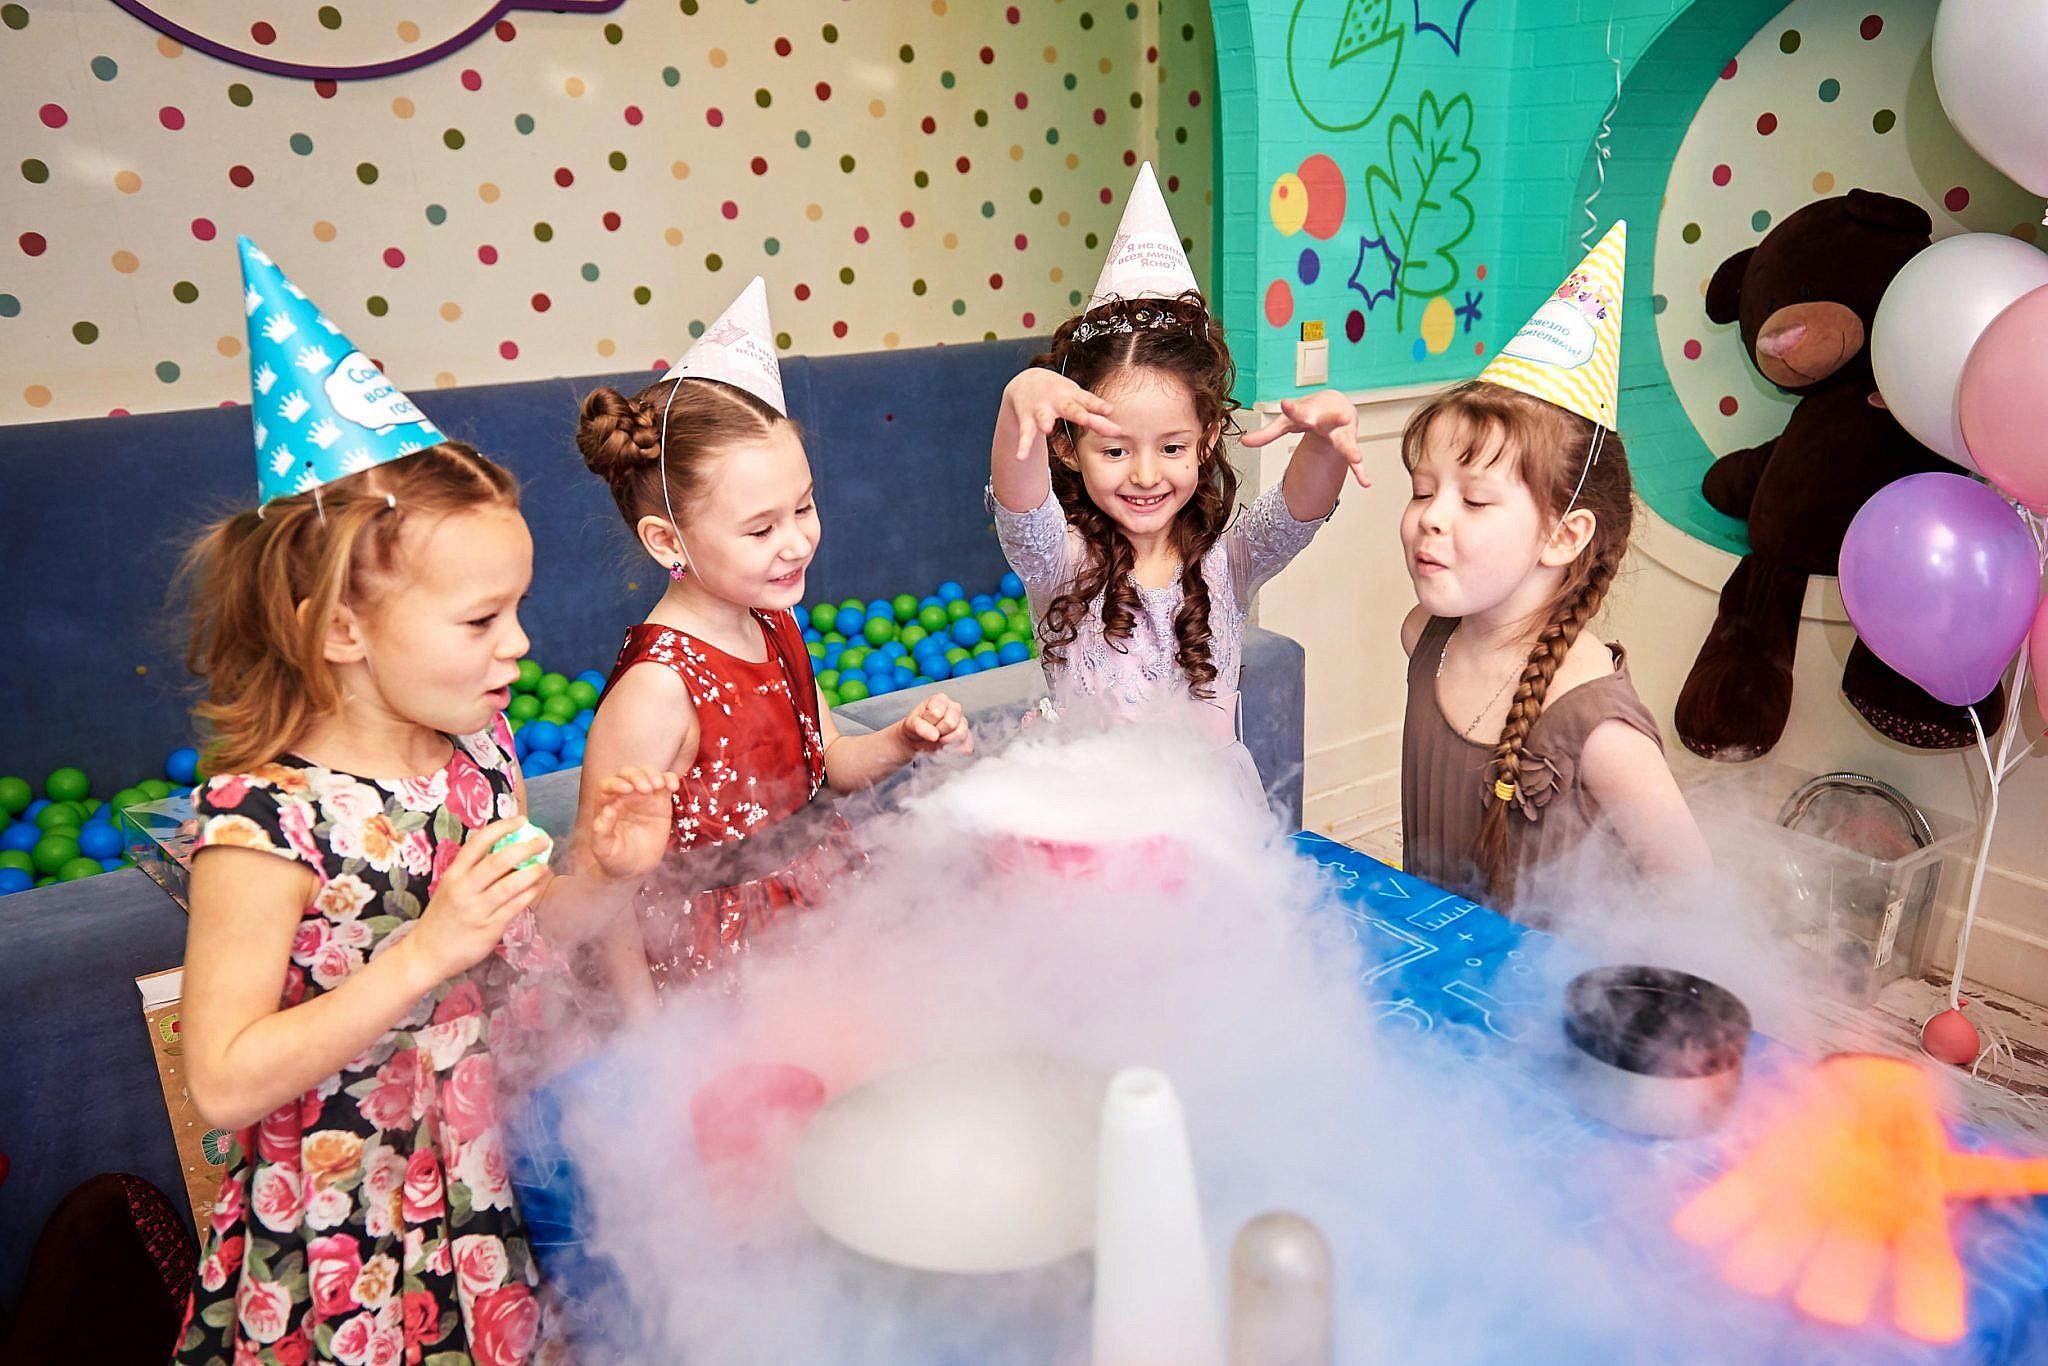 Игры и конкурсы для детей на улице для лета и весны, игровая программа